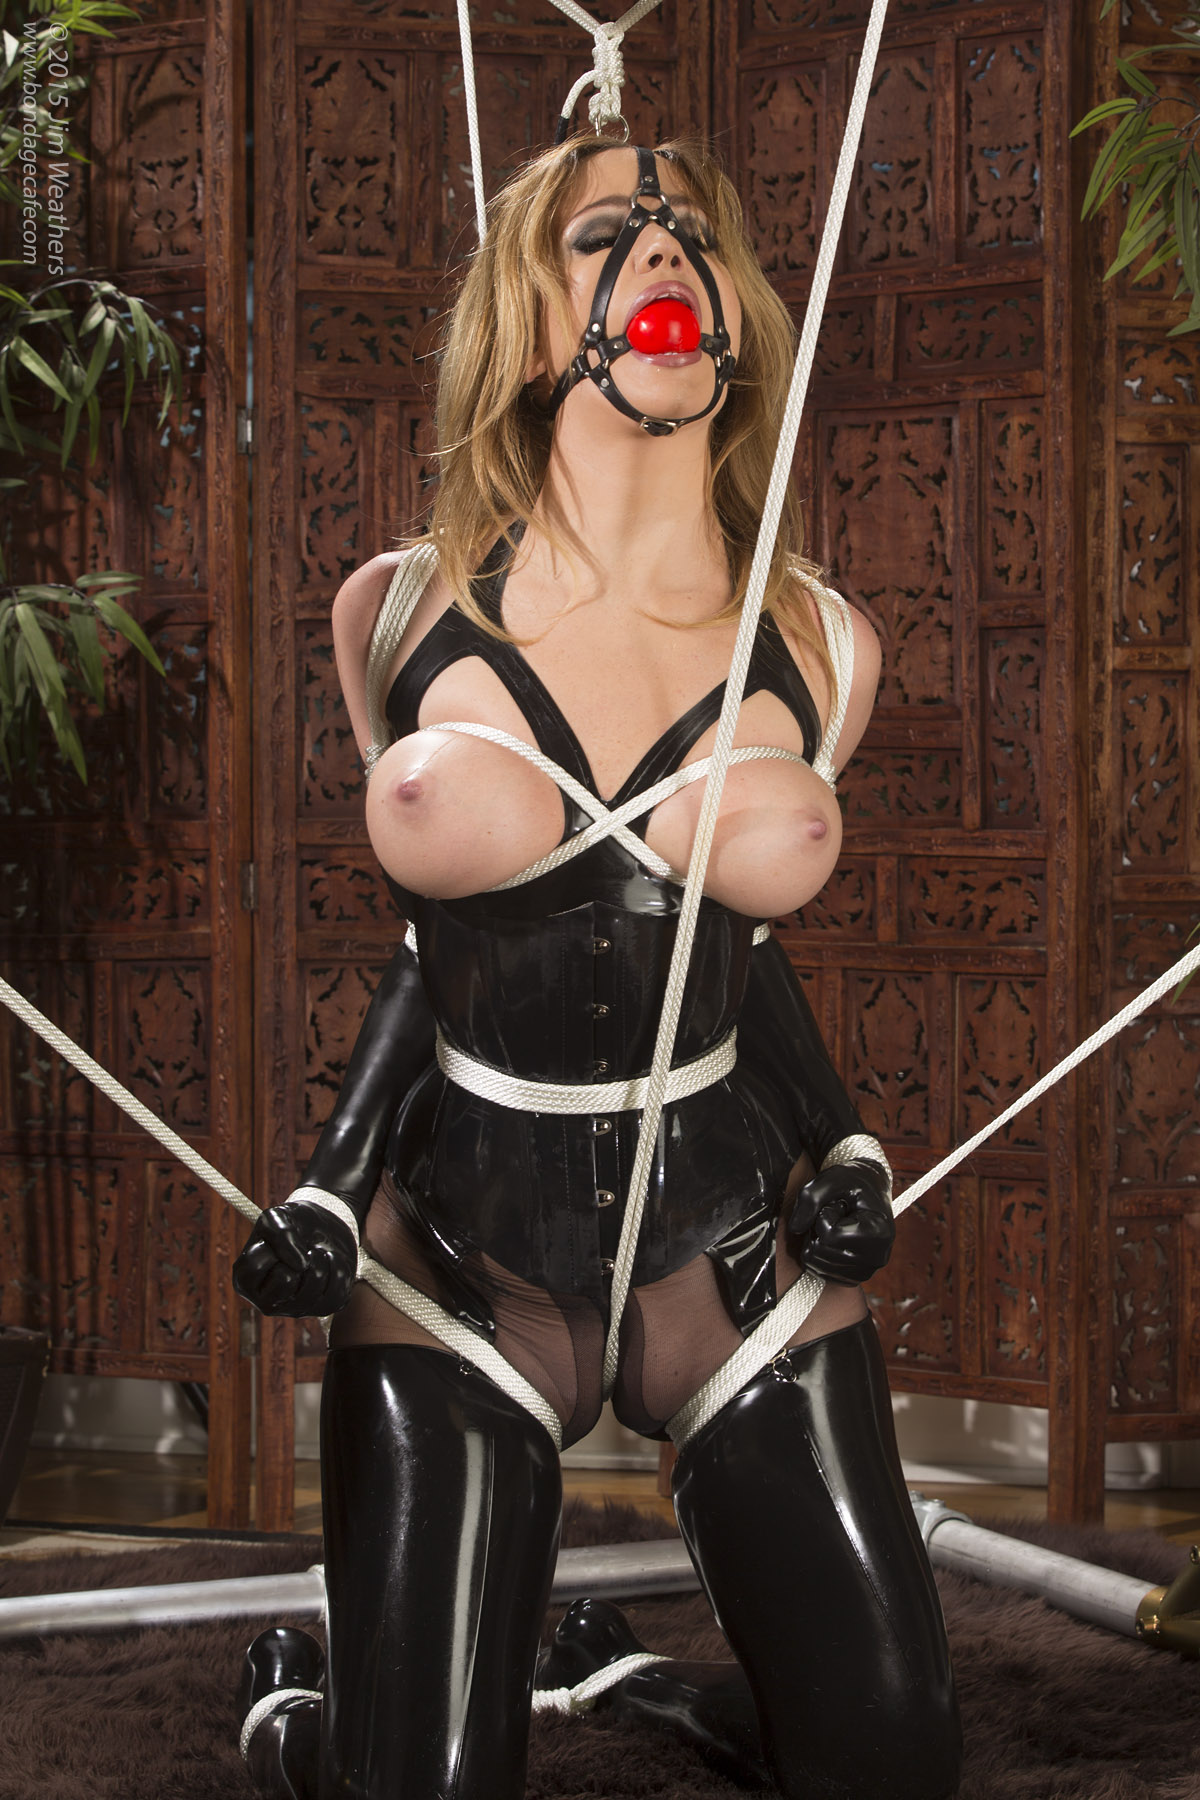 【SMエロ画像】巨乳に施したい縄ブラジャーというかただの緊縛放置www 07